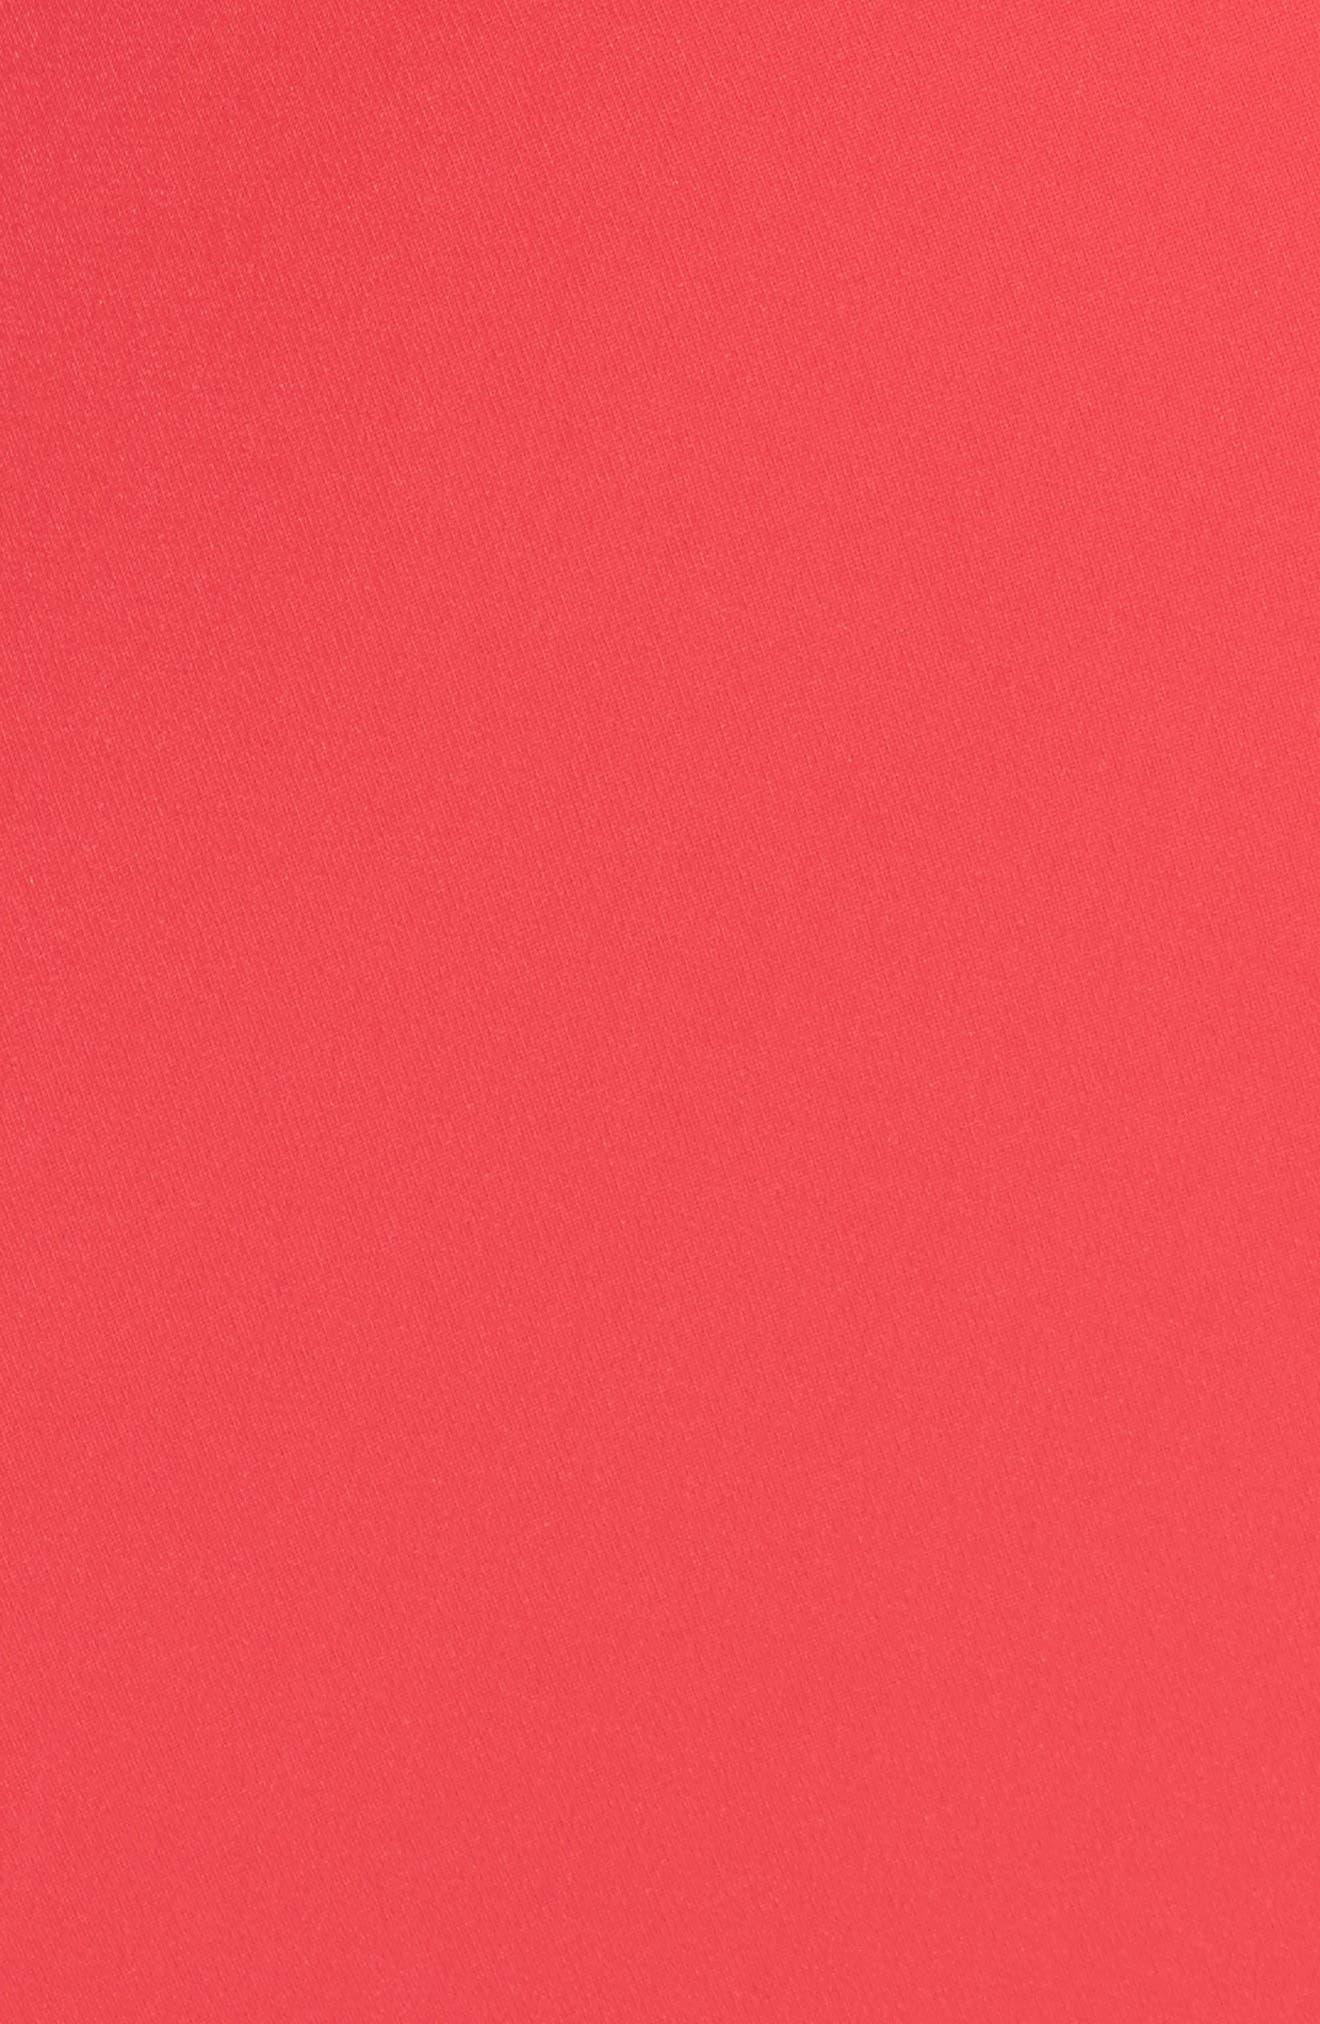 Embellished Cold Shoulder Crepe Gown,                             Alternate thumbnail 5, color,                             620